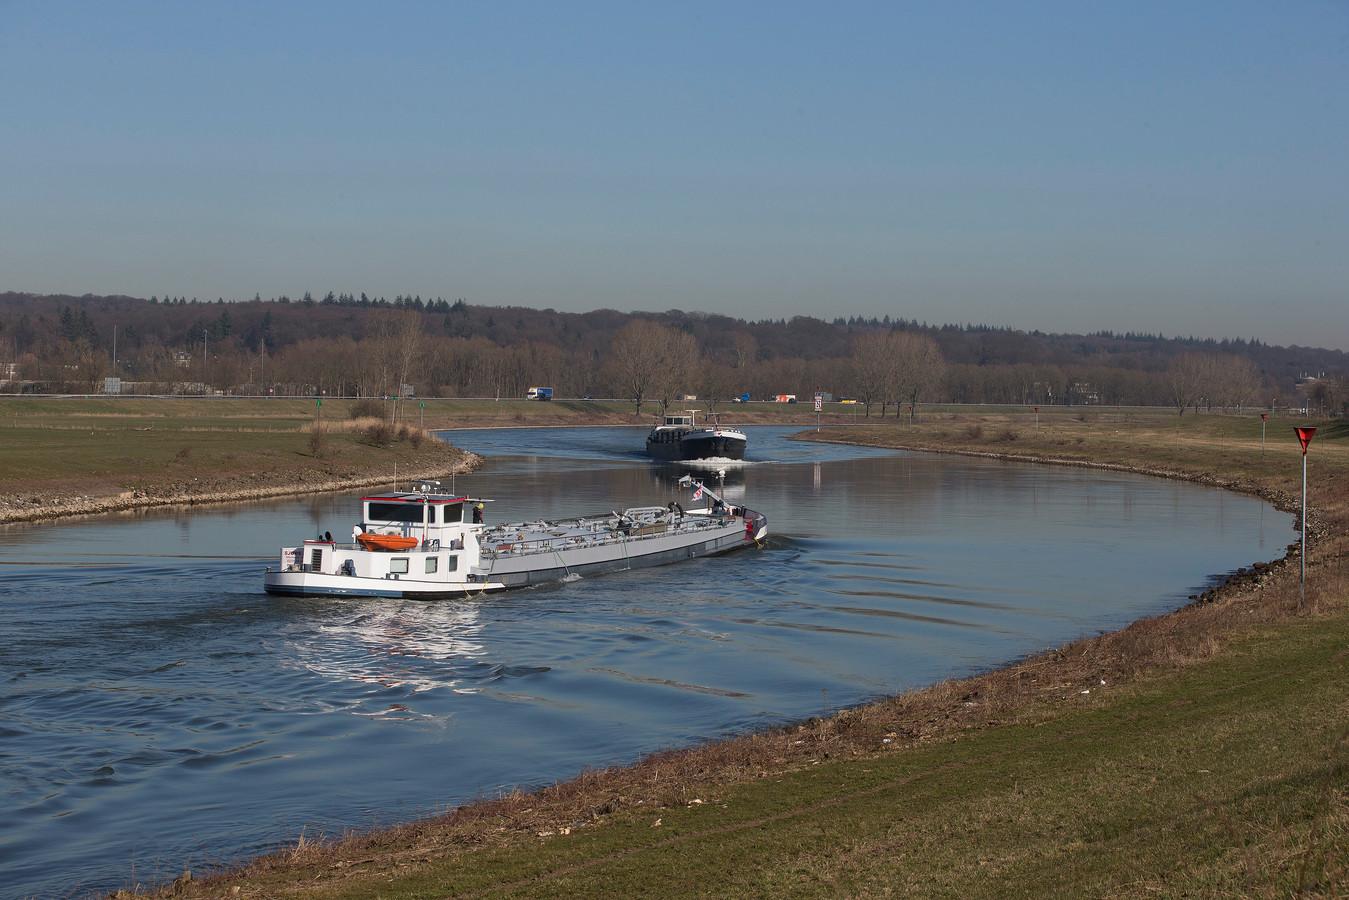 De IJssel tussen Arnhem en Doesburg geldt als één van de moeilijkst te bevaren stukken rivier in Nederland. Foto: Theo Kock